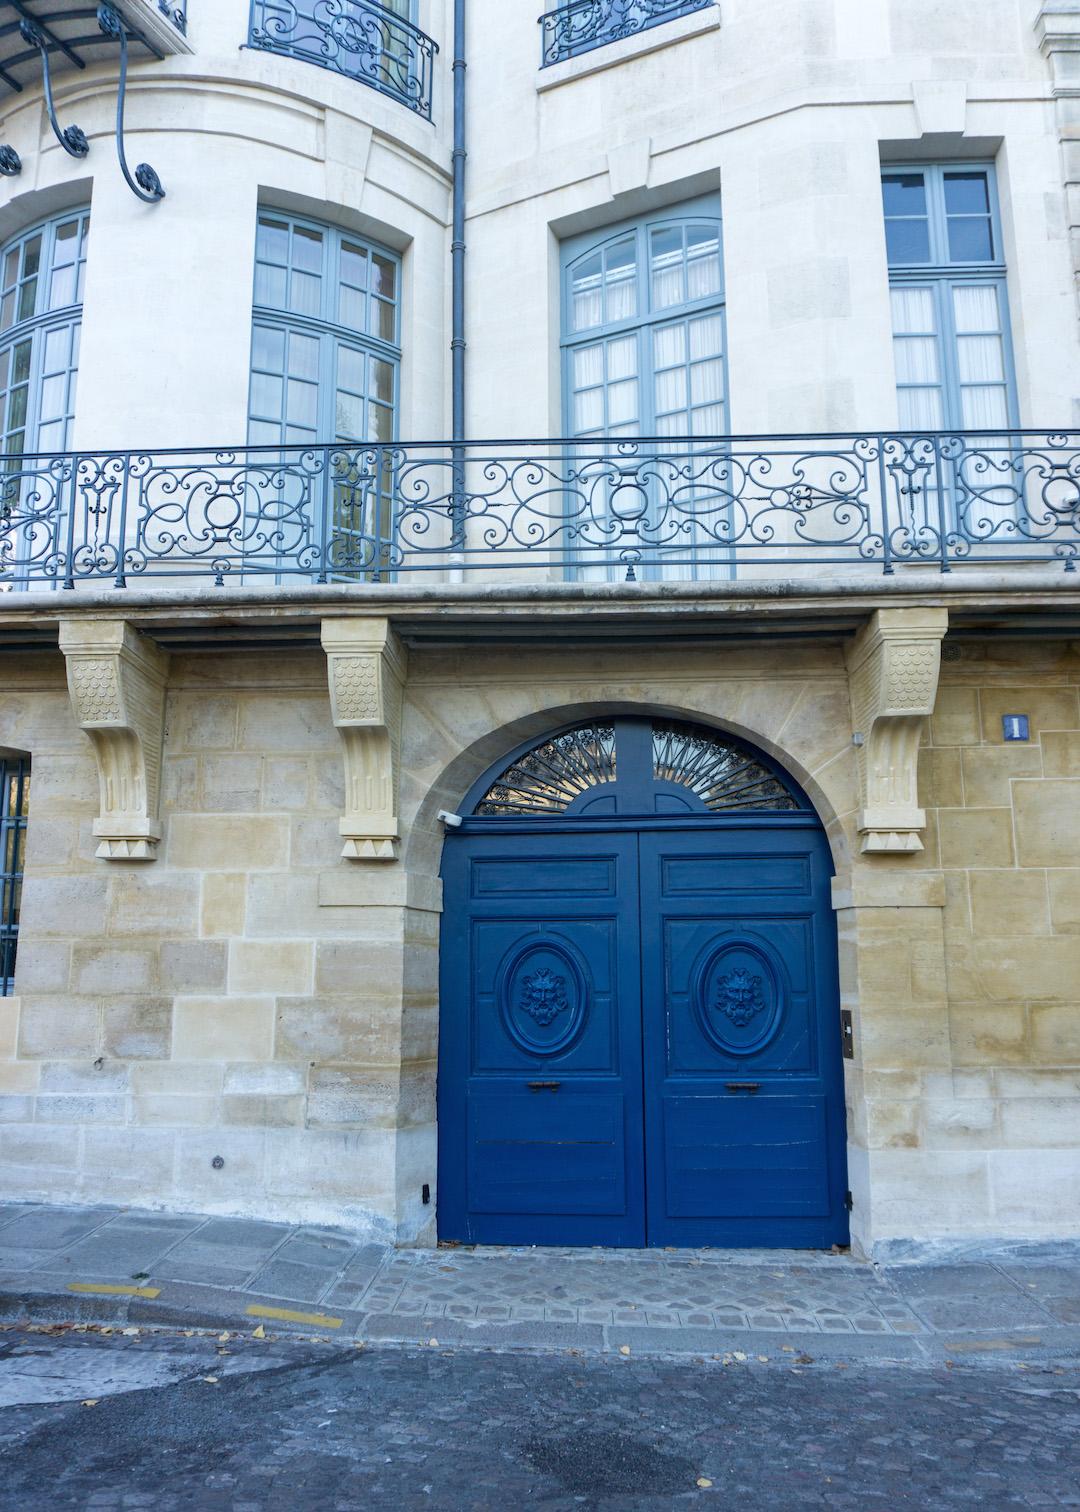 Her_Travel_Edit_Il_Saint-Louis_Door